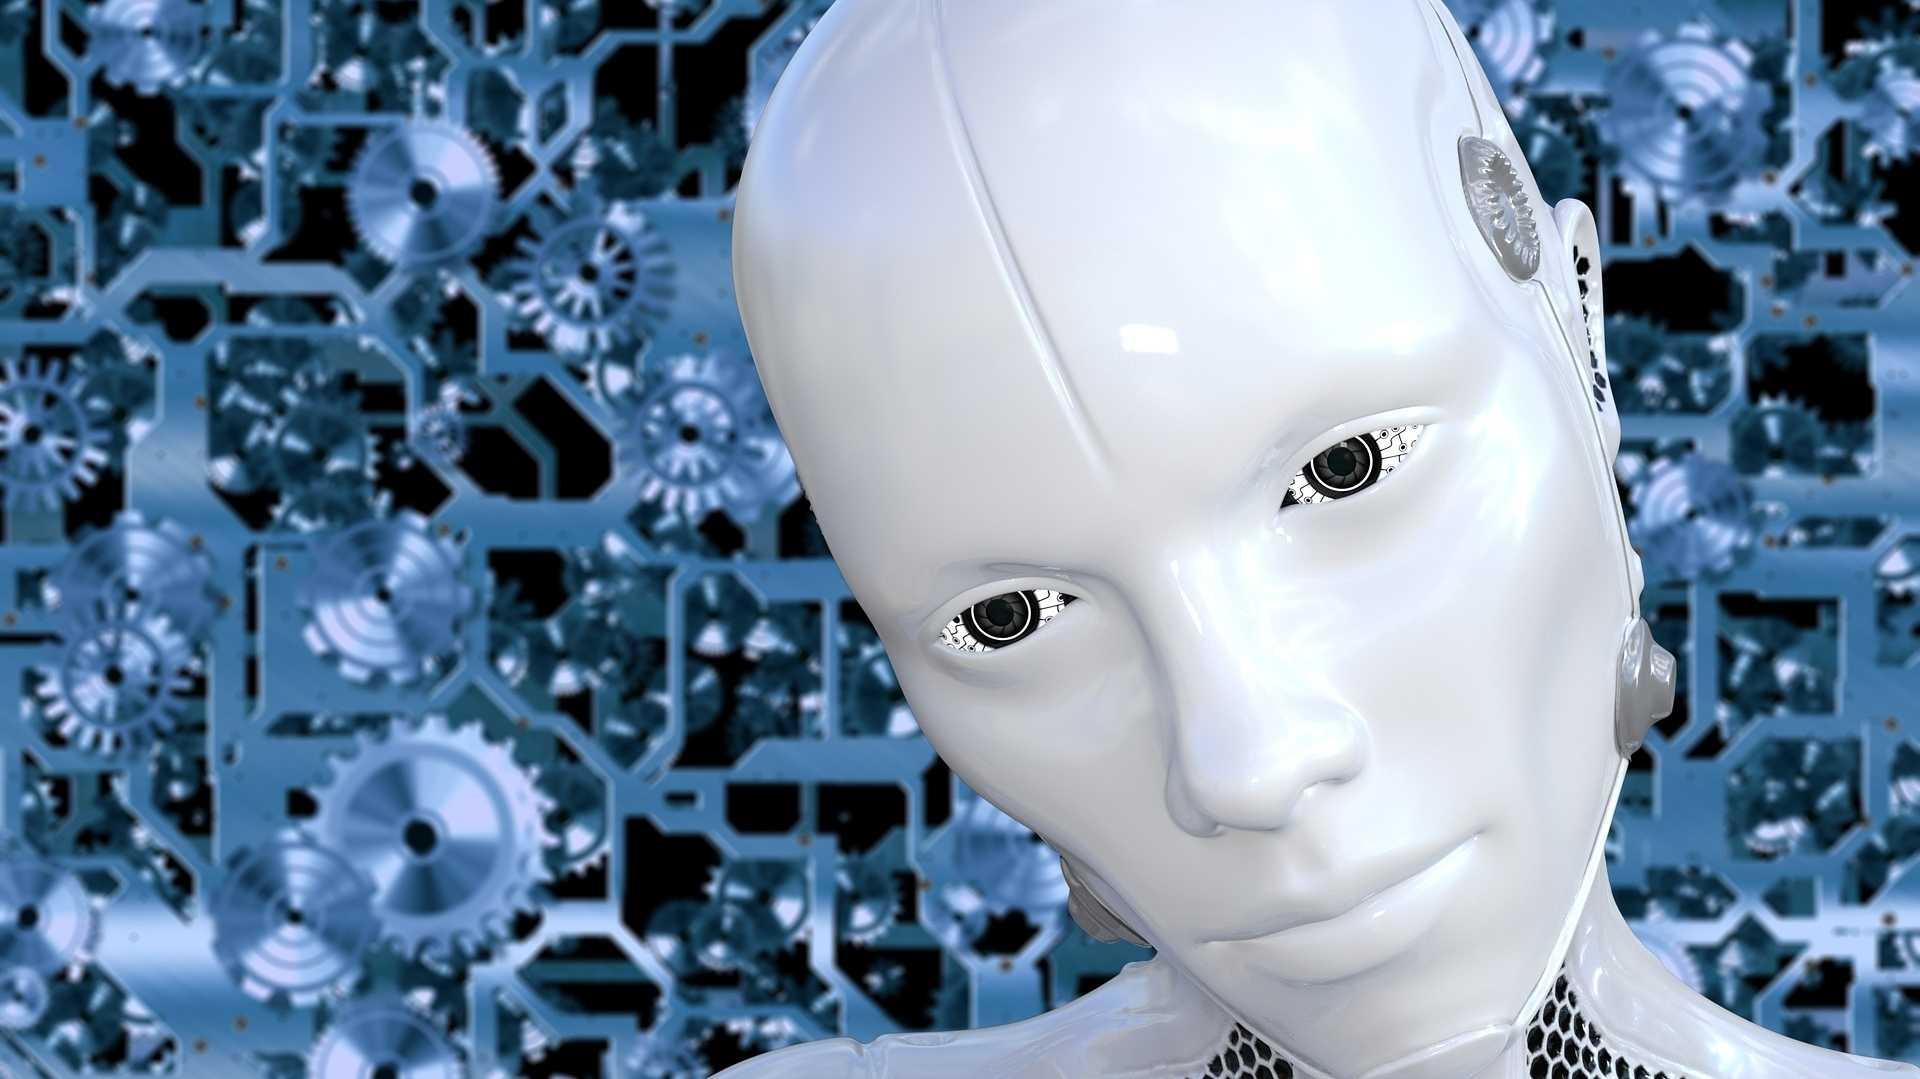 KI-Konferenz AAMAS: Empathische Roboter kooperieren besser